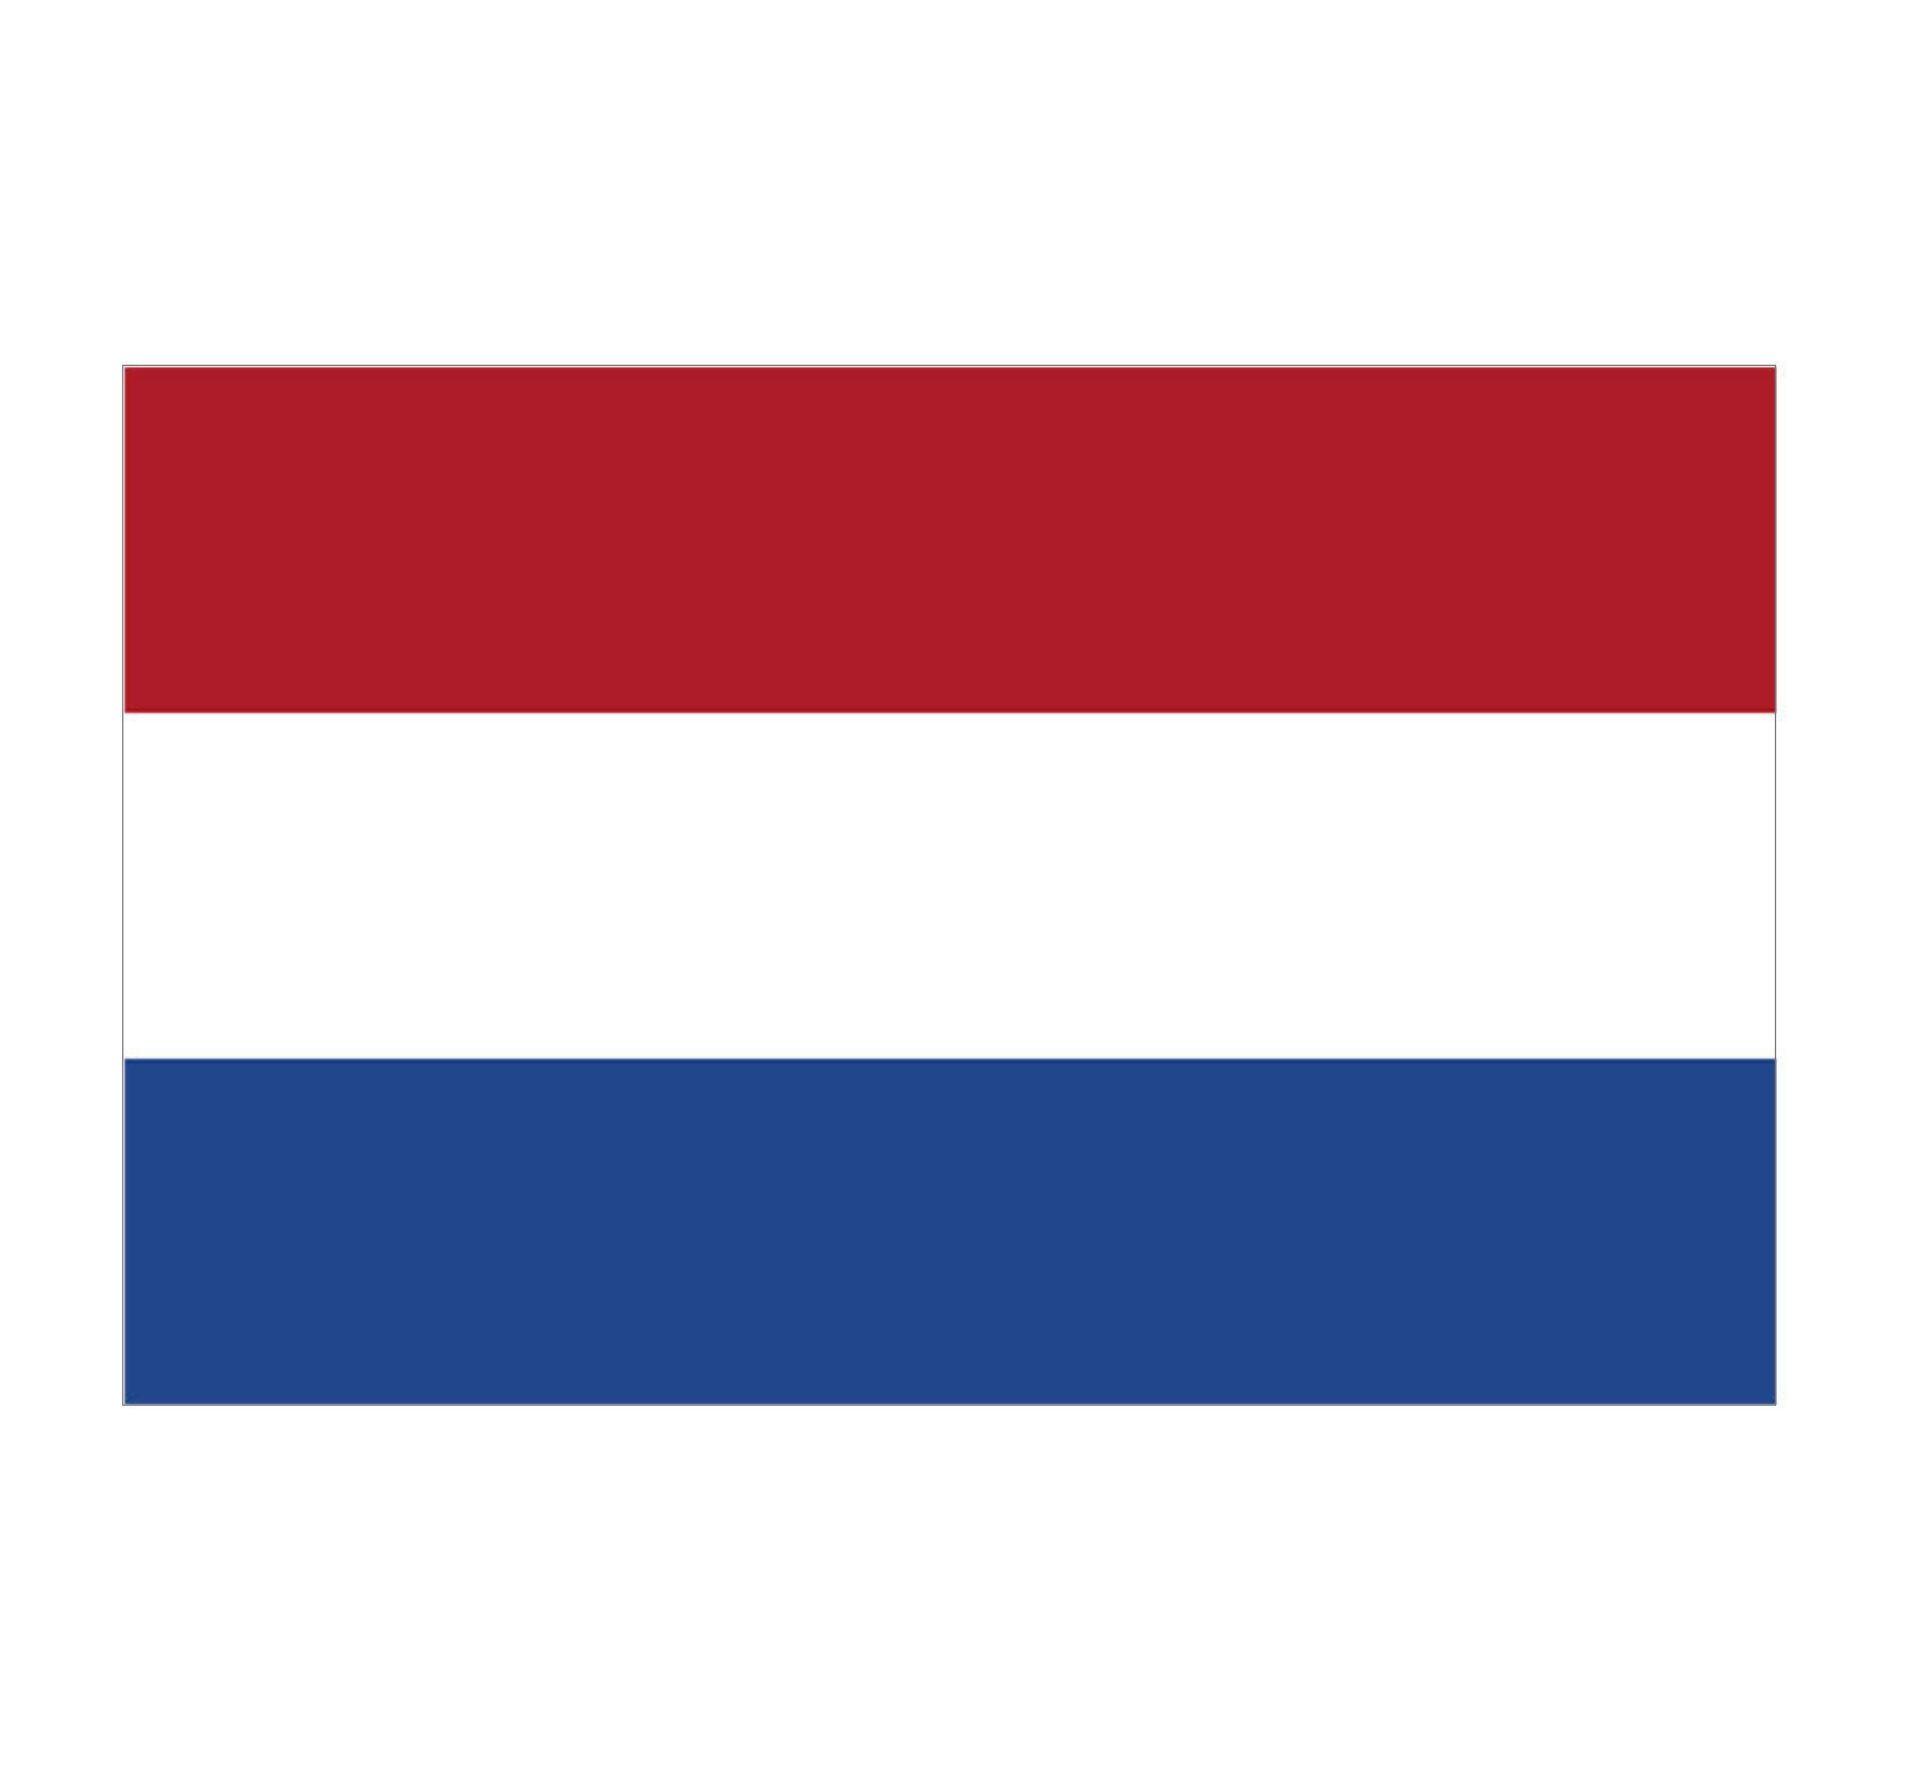 que significa la bandera de paises bajos